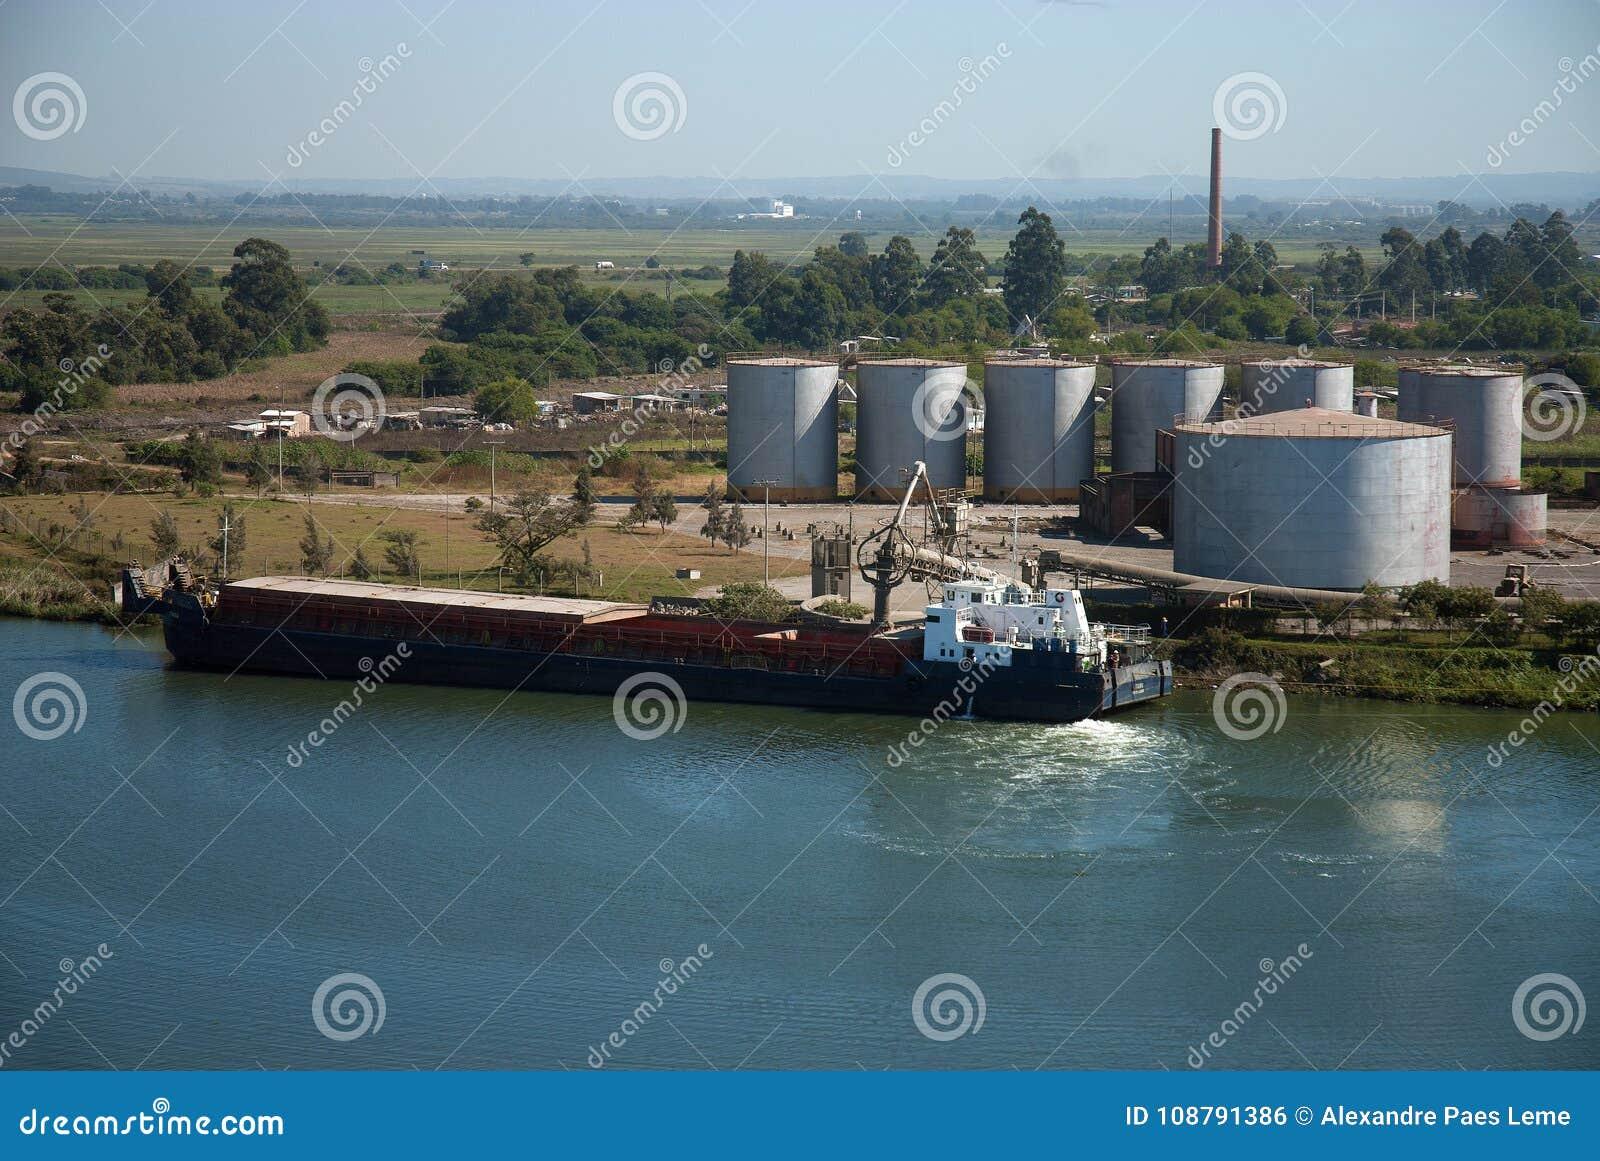 Barge la carga en un terminal en el puerto de pelotas vascas